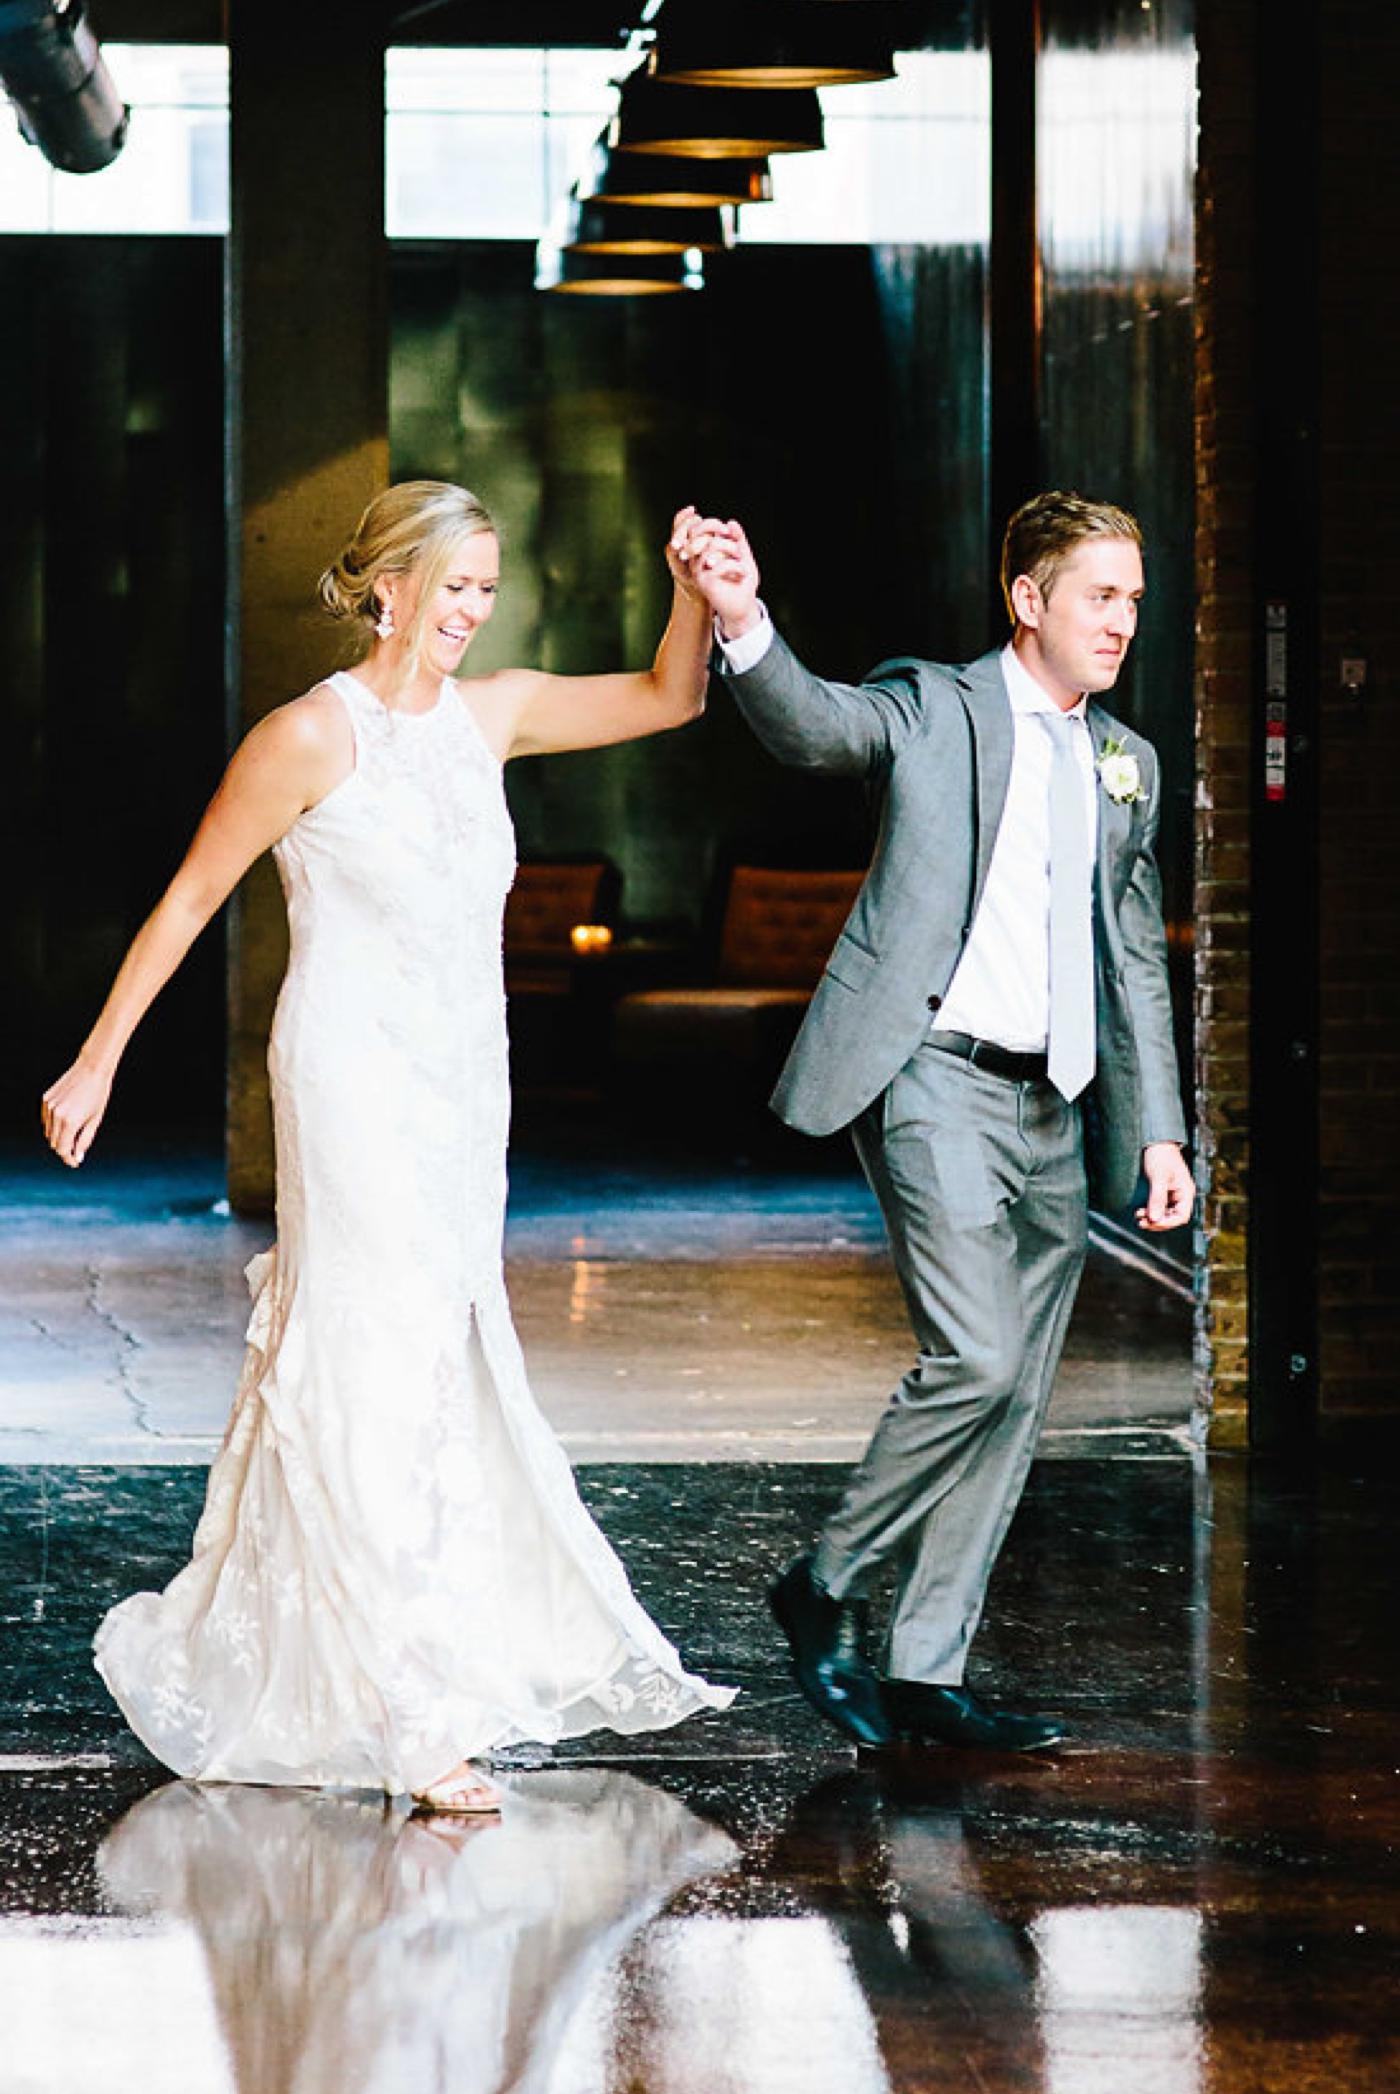 chicago-fine-art-wedding-photography-hrebic27